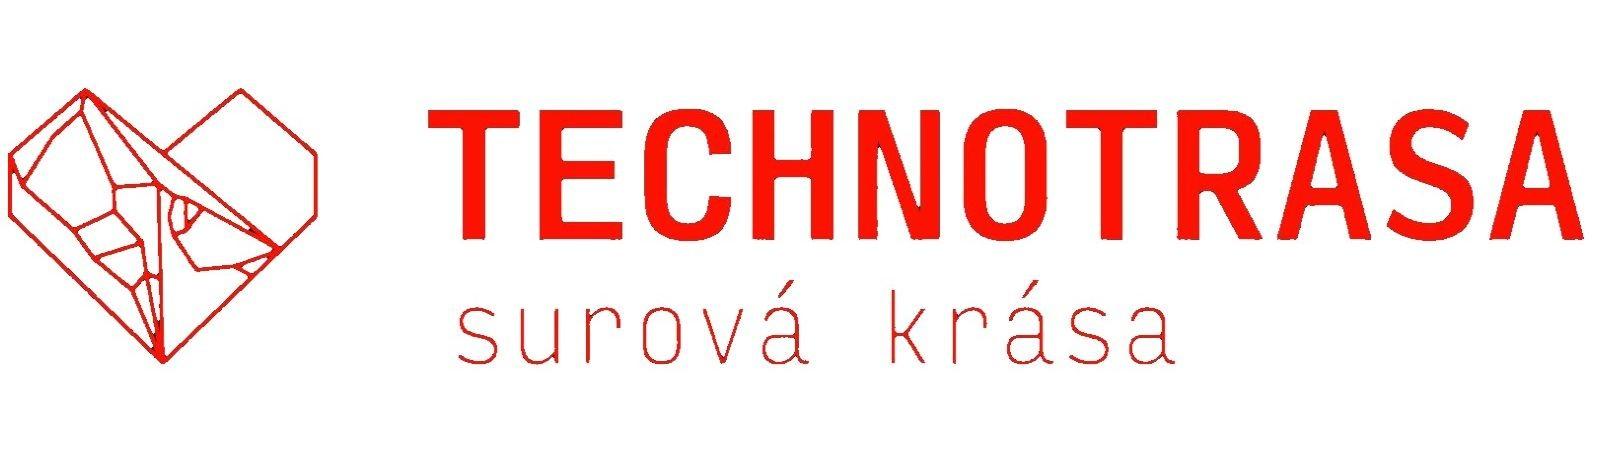 www.technotrasa.cz